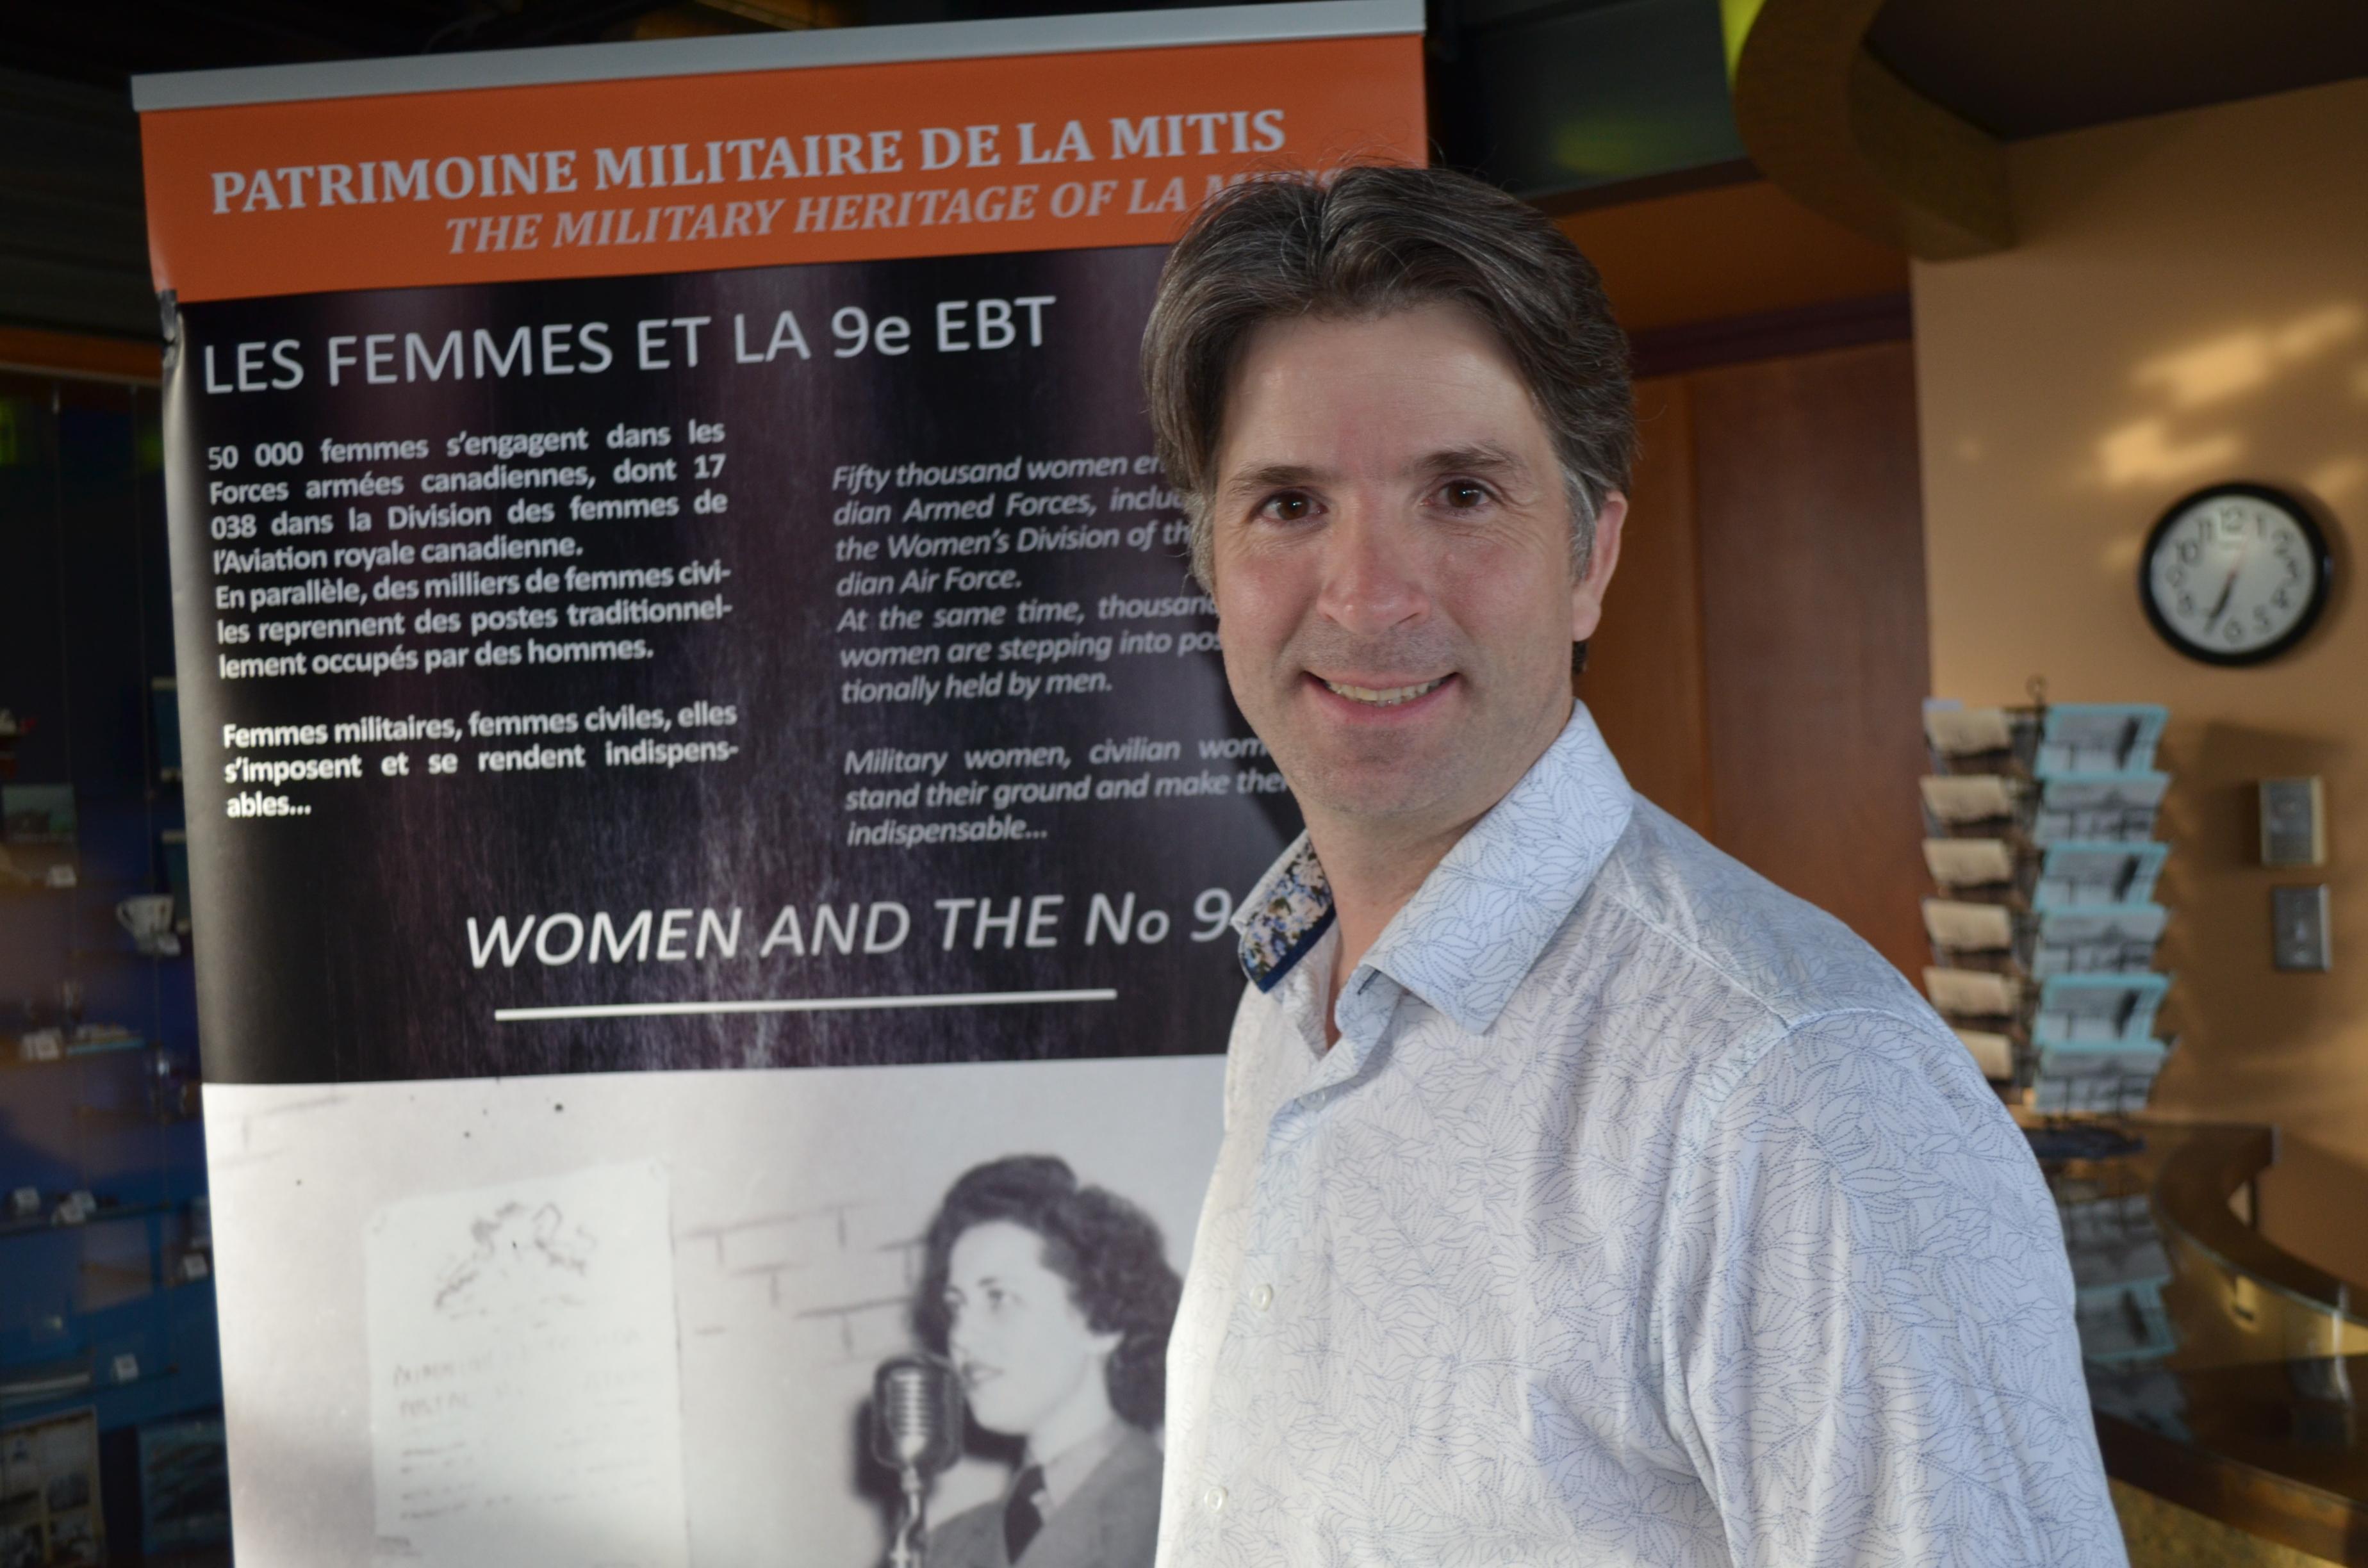 Jean-François Fortin, maire de Sainte-Flavie et président de l'organisme « Patrimoine militaire de La Mitis. »